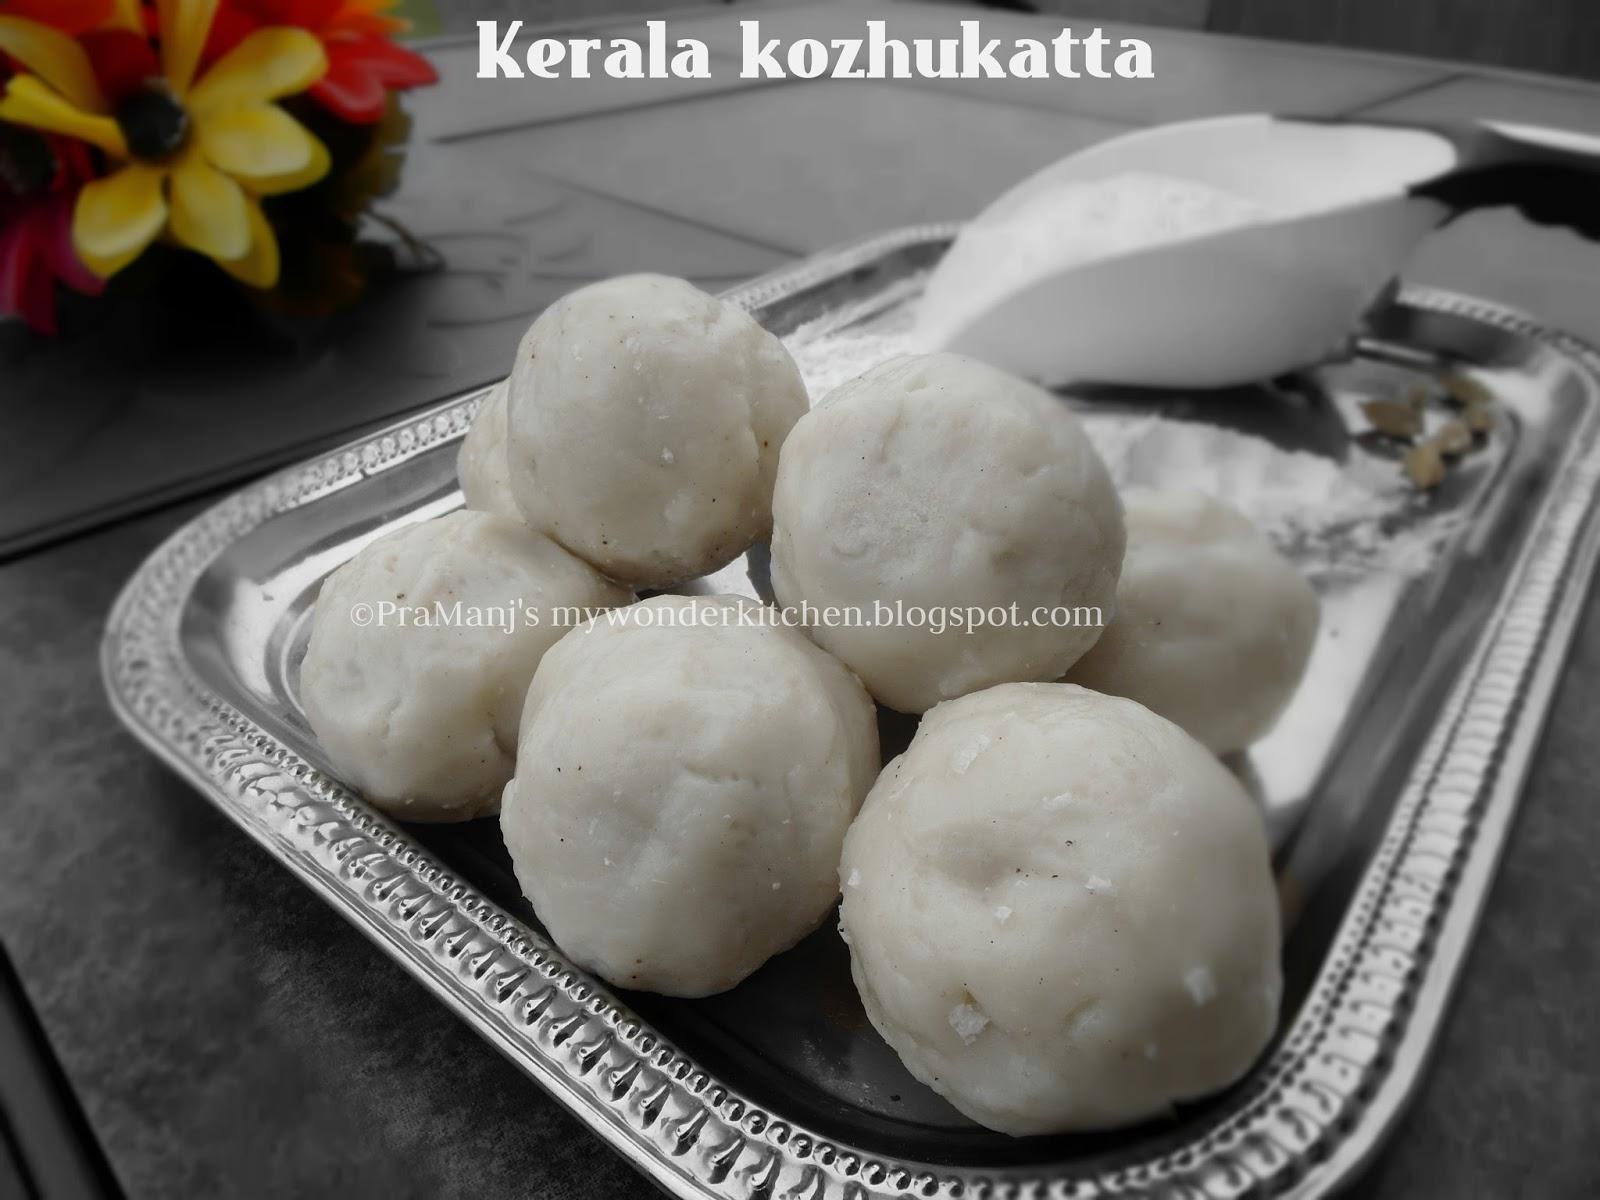 Kerala_kozhukatta